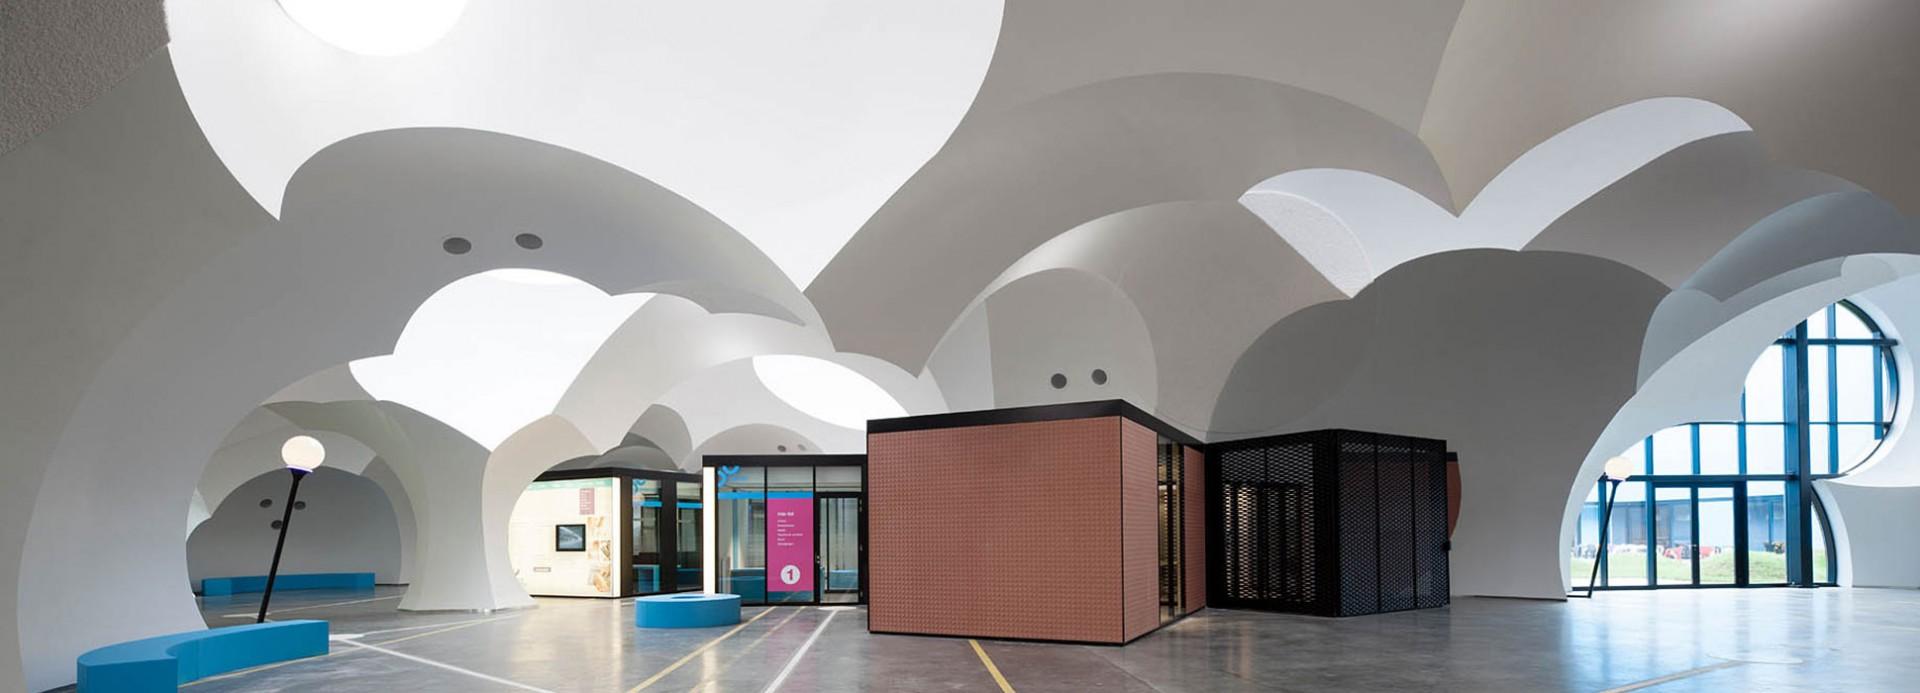 Предавање: Архитектура за флуидно друштво – Карлос Аројо (Carlos Arroyo)